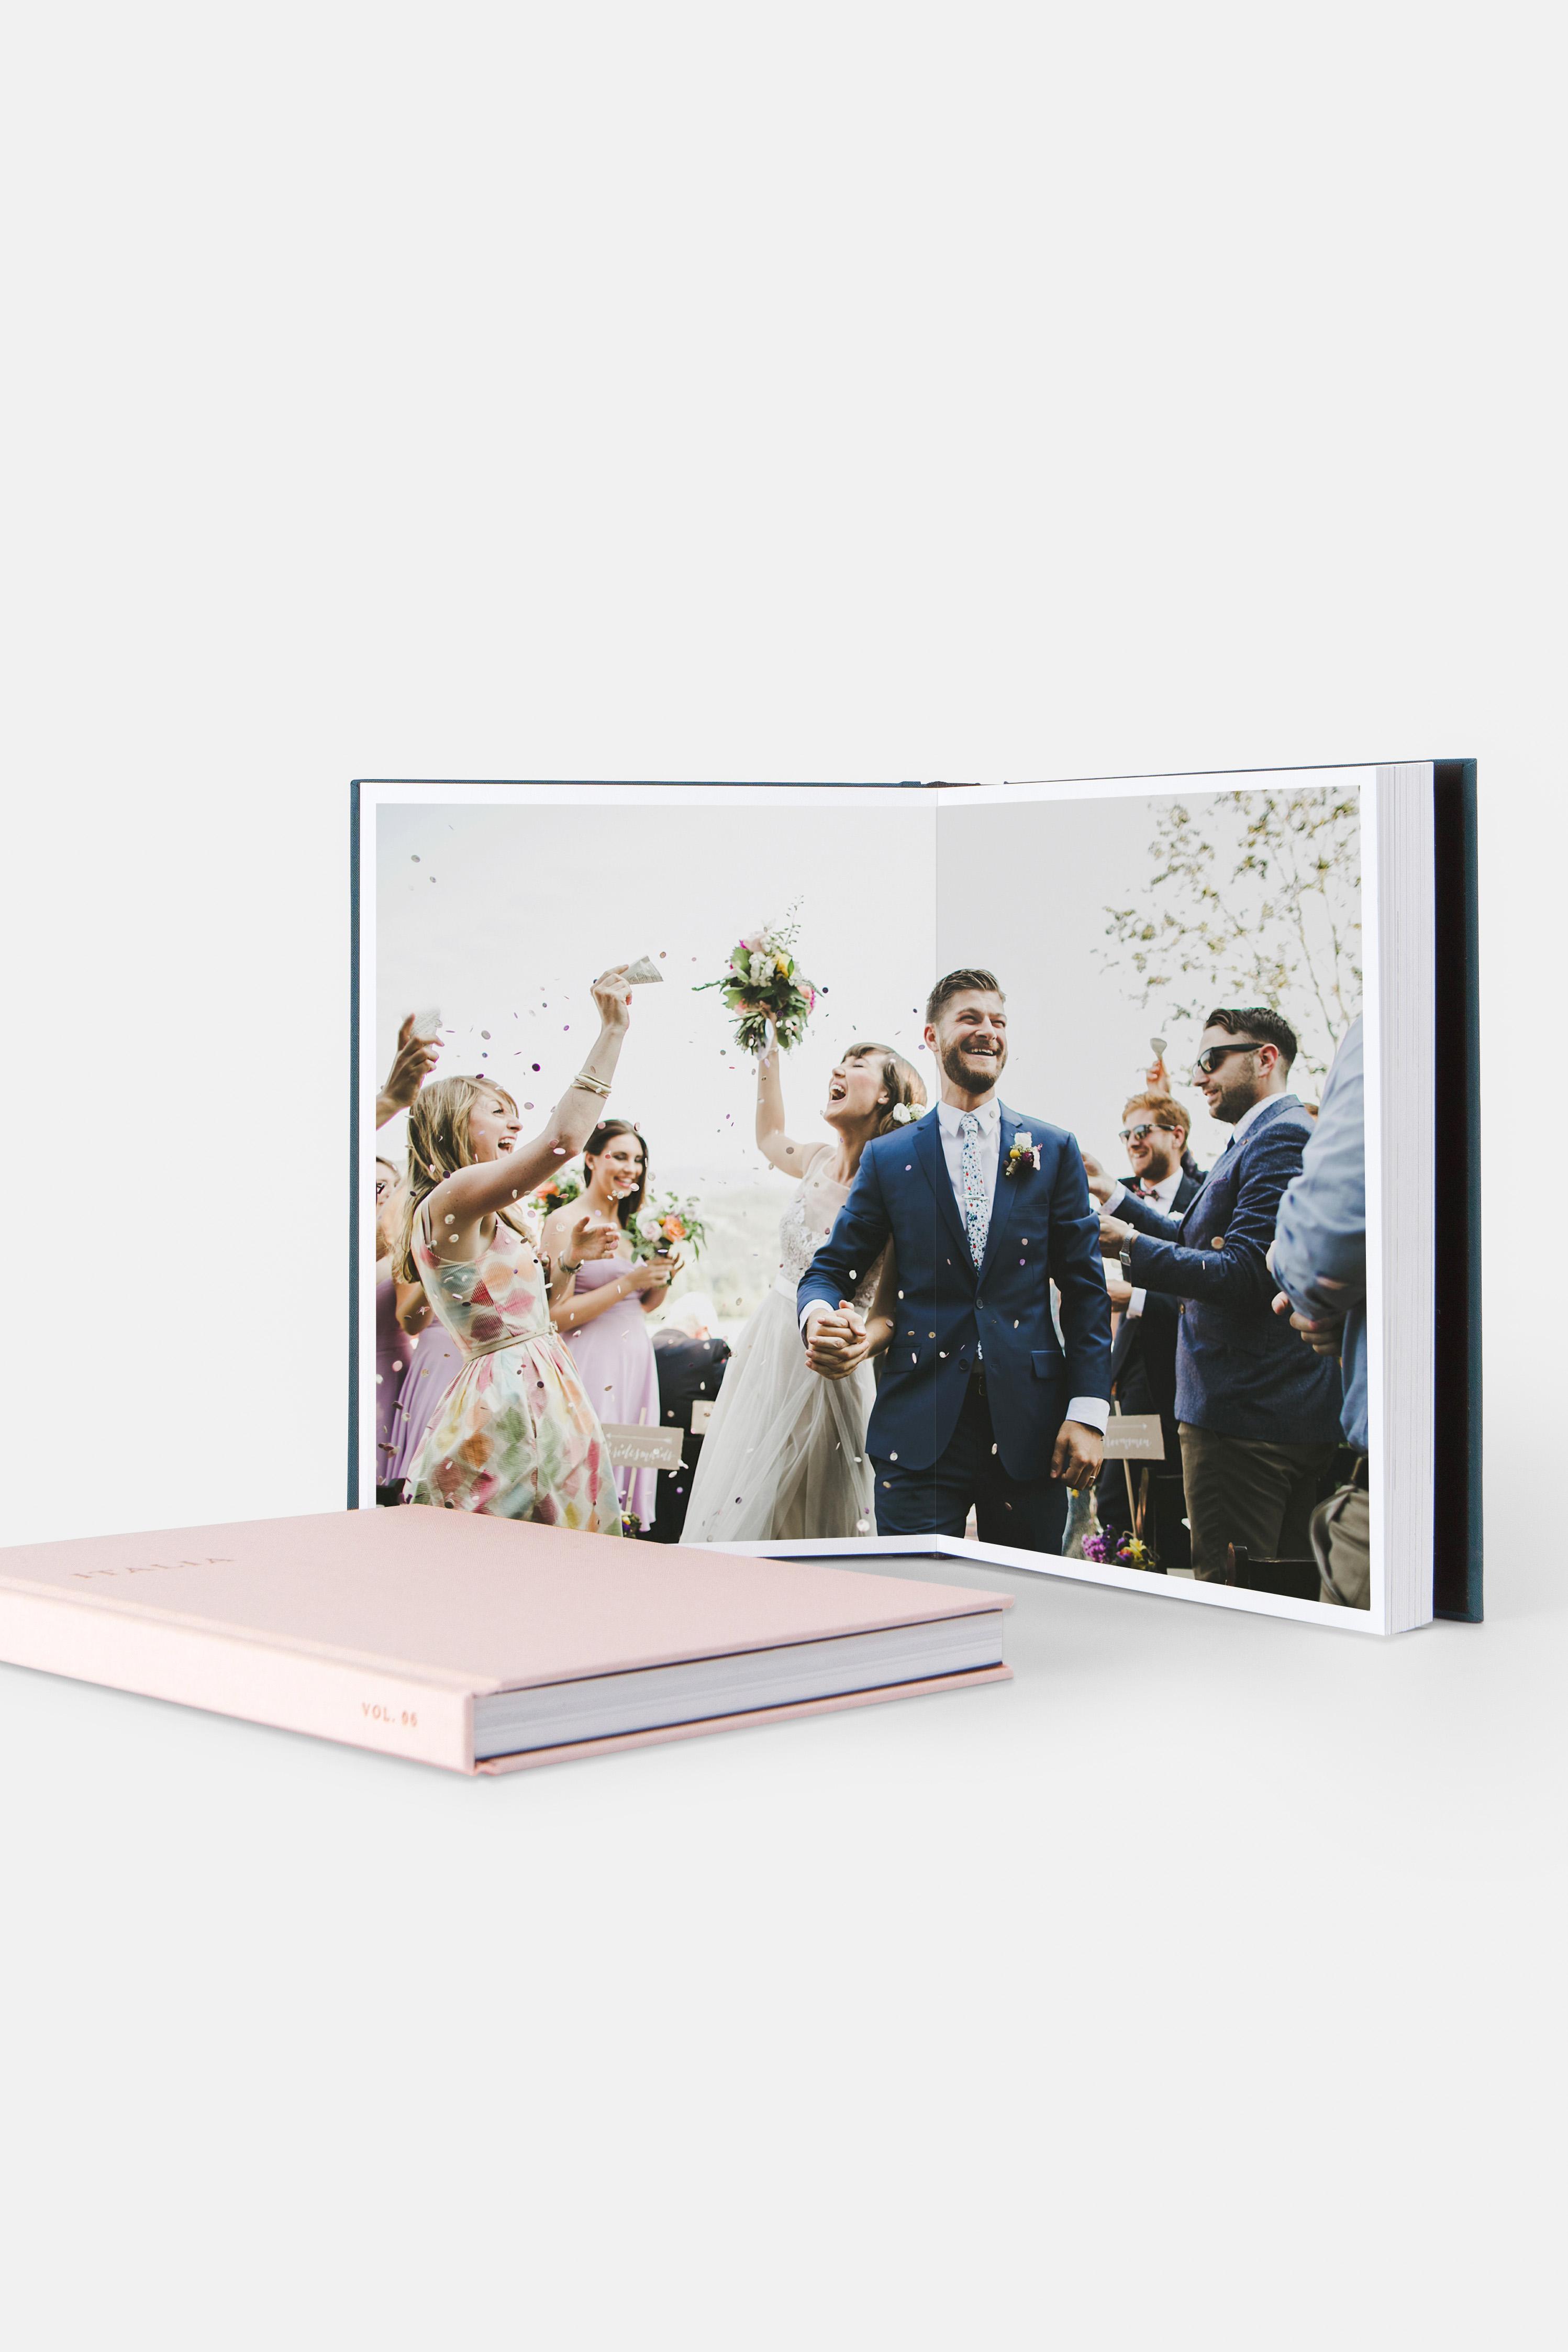 Wedding Album Design Companies